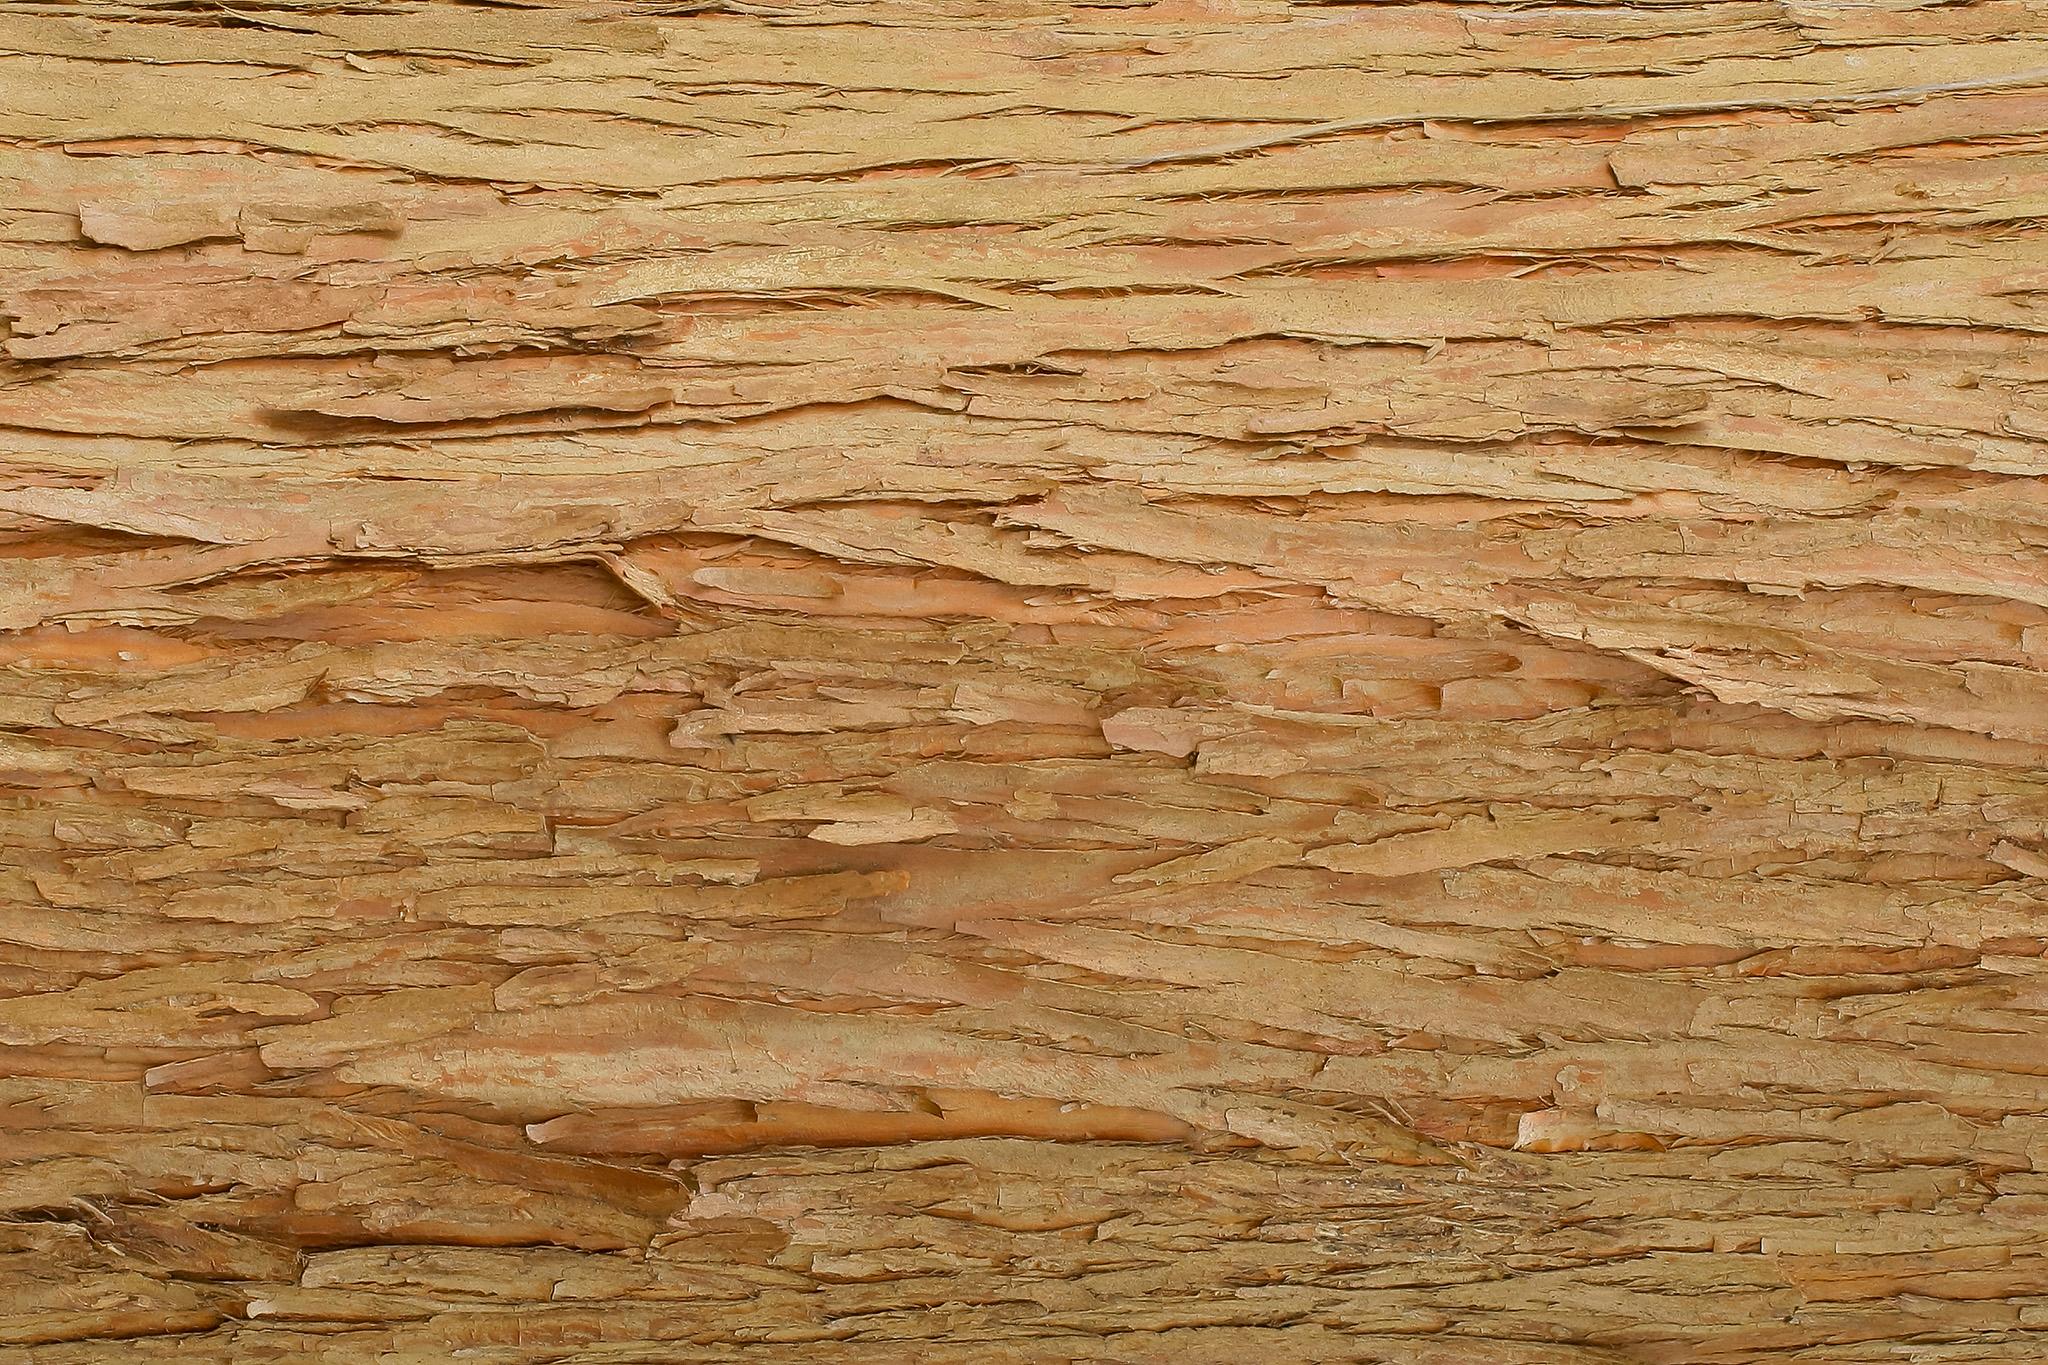 「若い木の樹皮のテクスチャ」